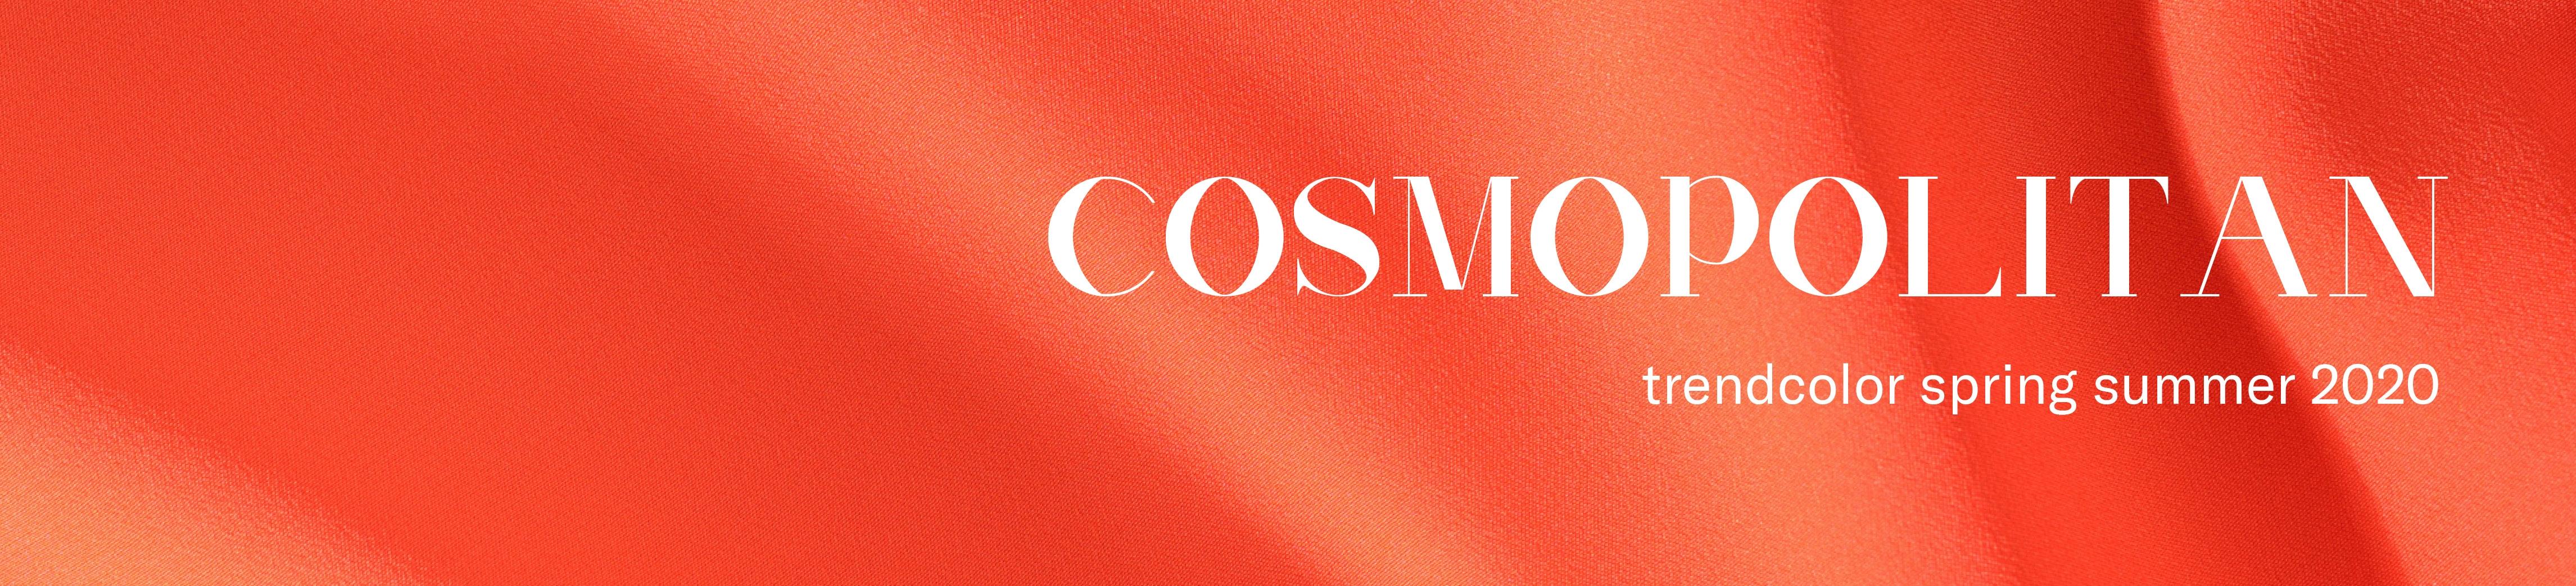 Cosmopolitan Red